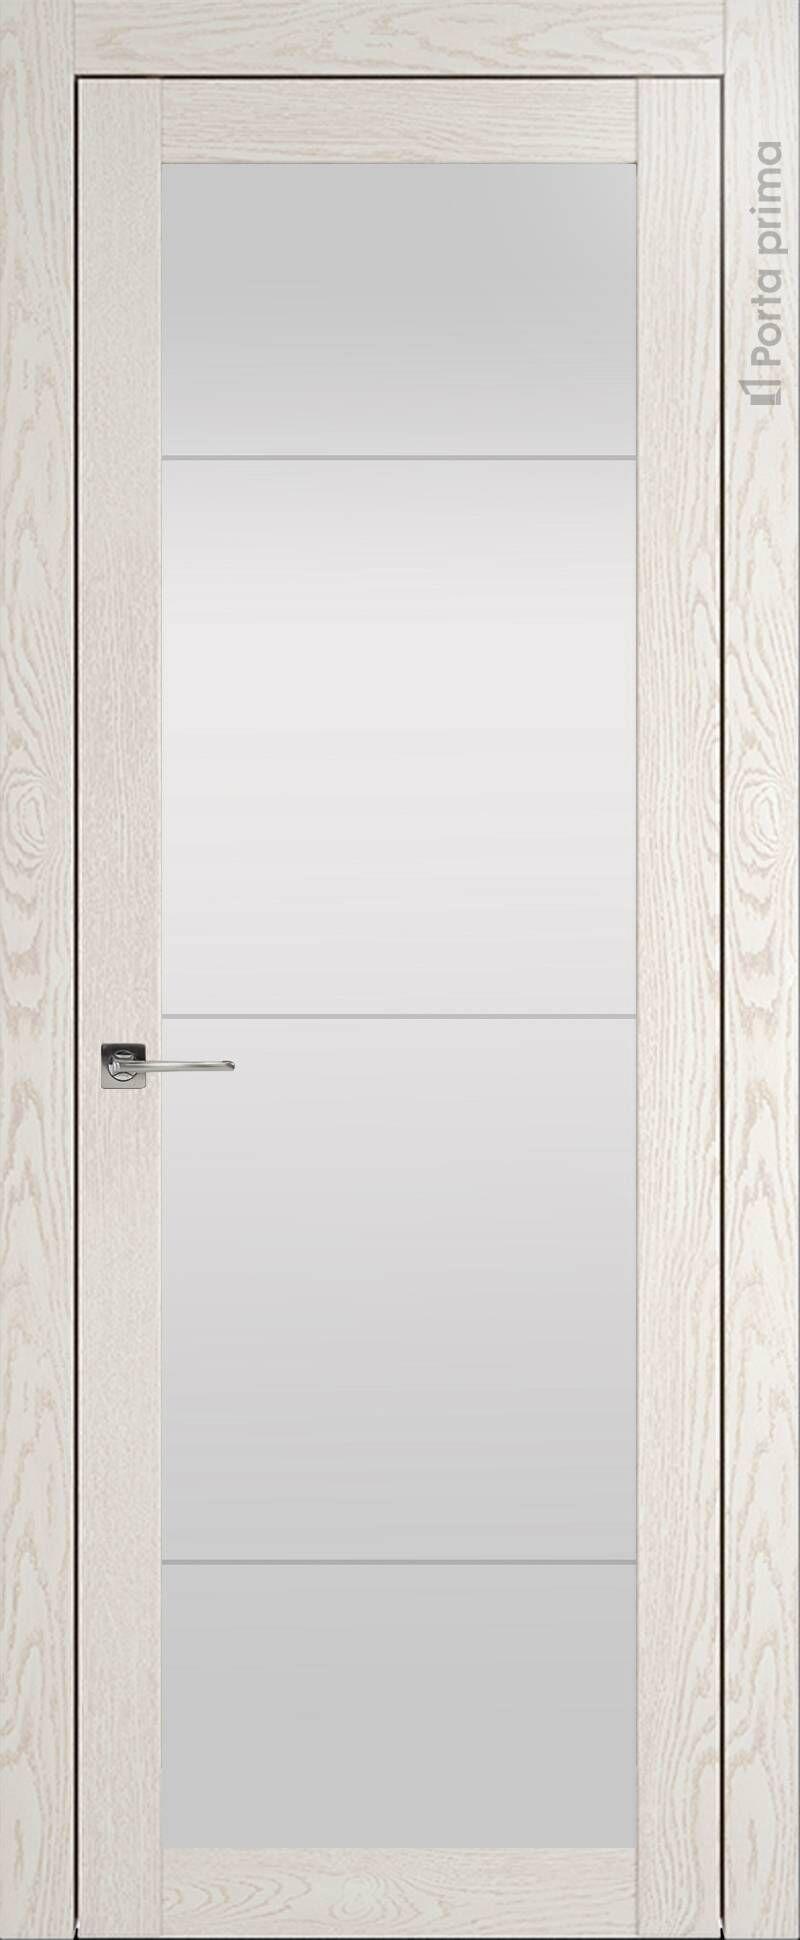 Tivoli З-3 цвет - Белый ясень (nano-flex) Со стеклом (ДО)